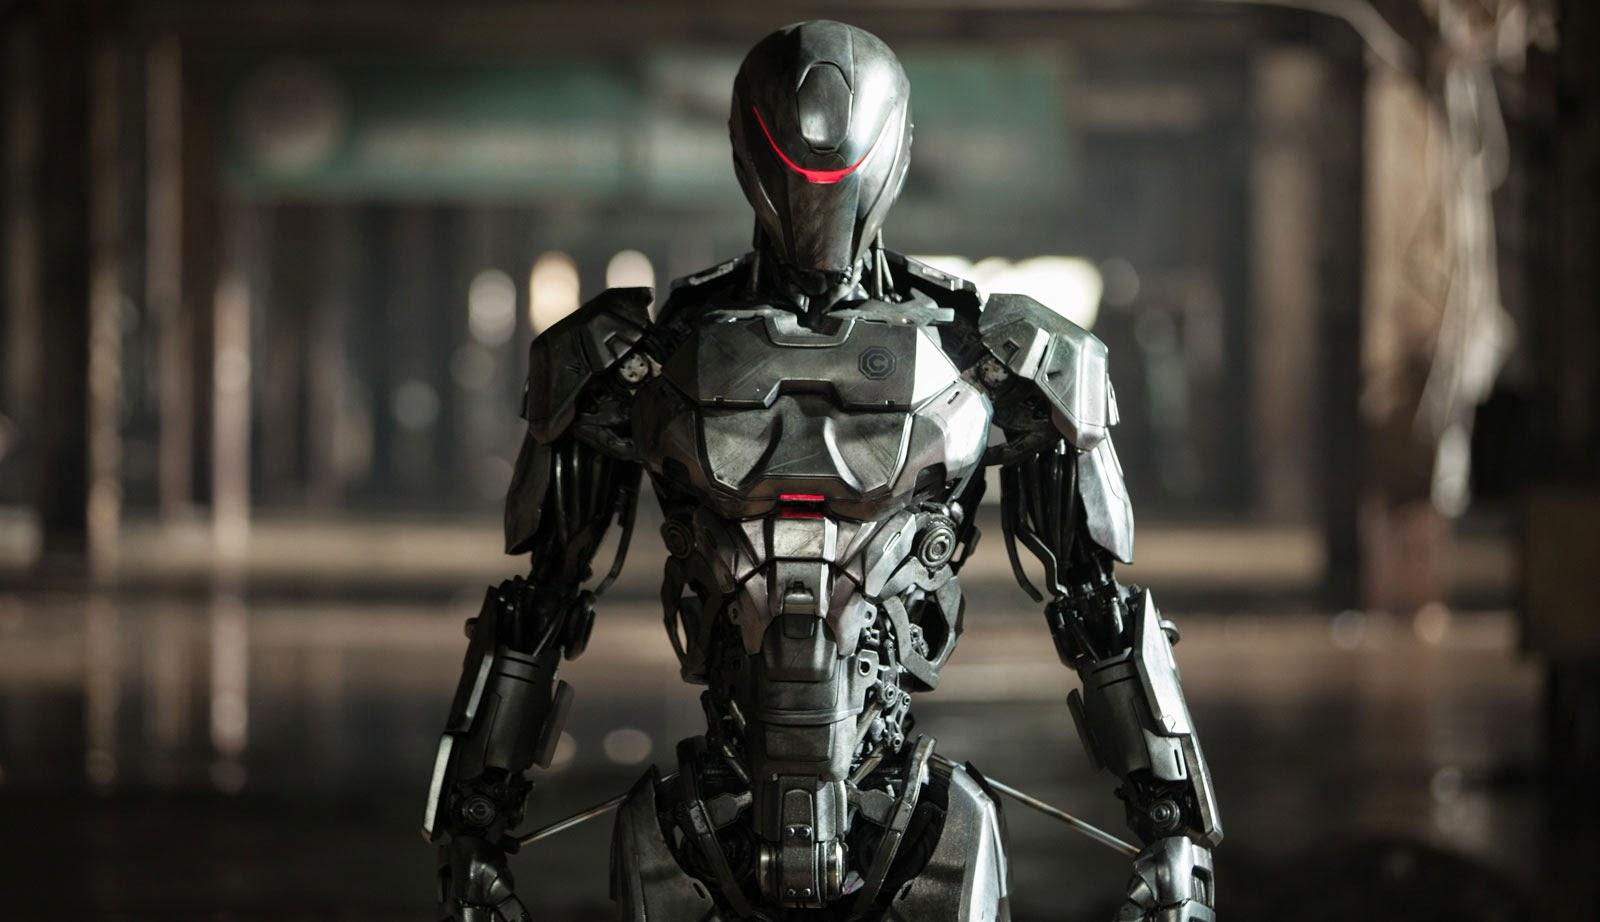 Ảnh trong phim Cảnh Sát Người Máy - Robocop 4